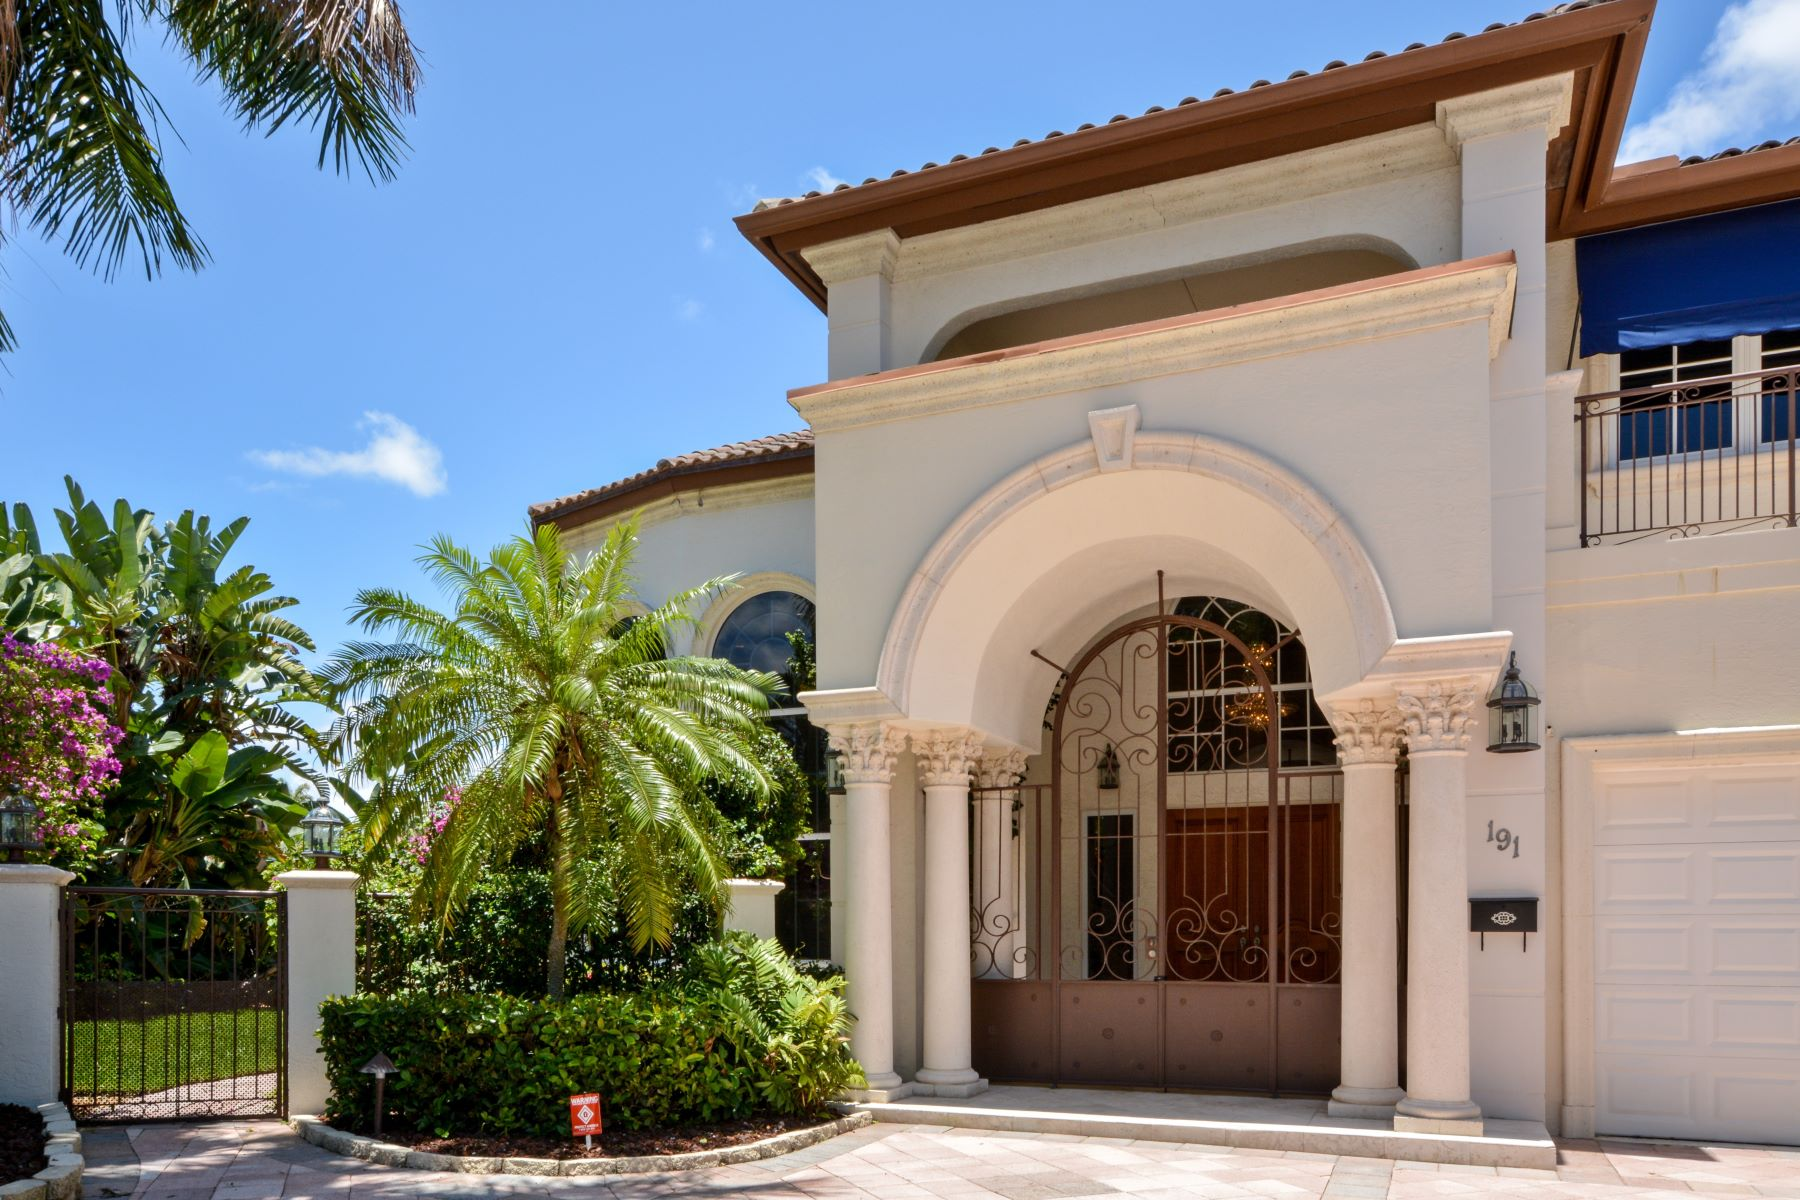 Частный односемейный дом для того Продажа на 191 Seven Isles Dr Fort Lauderdale, Флорида, 33301 Соединенные Штаты